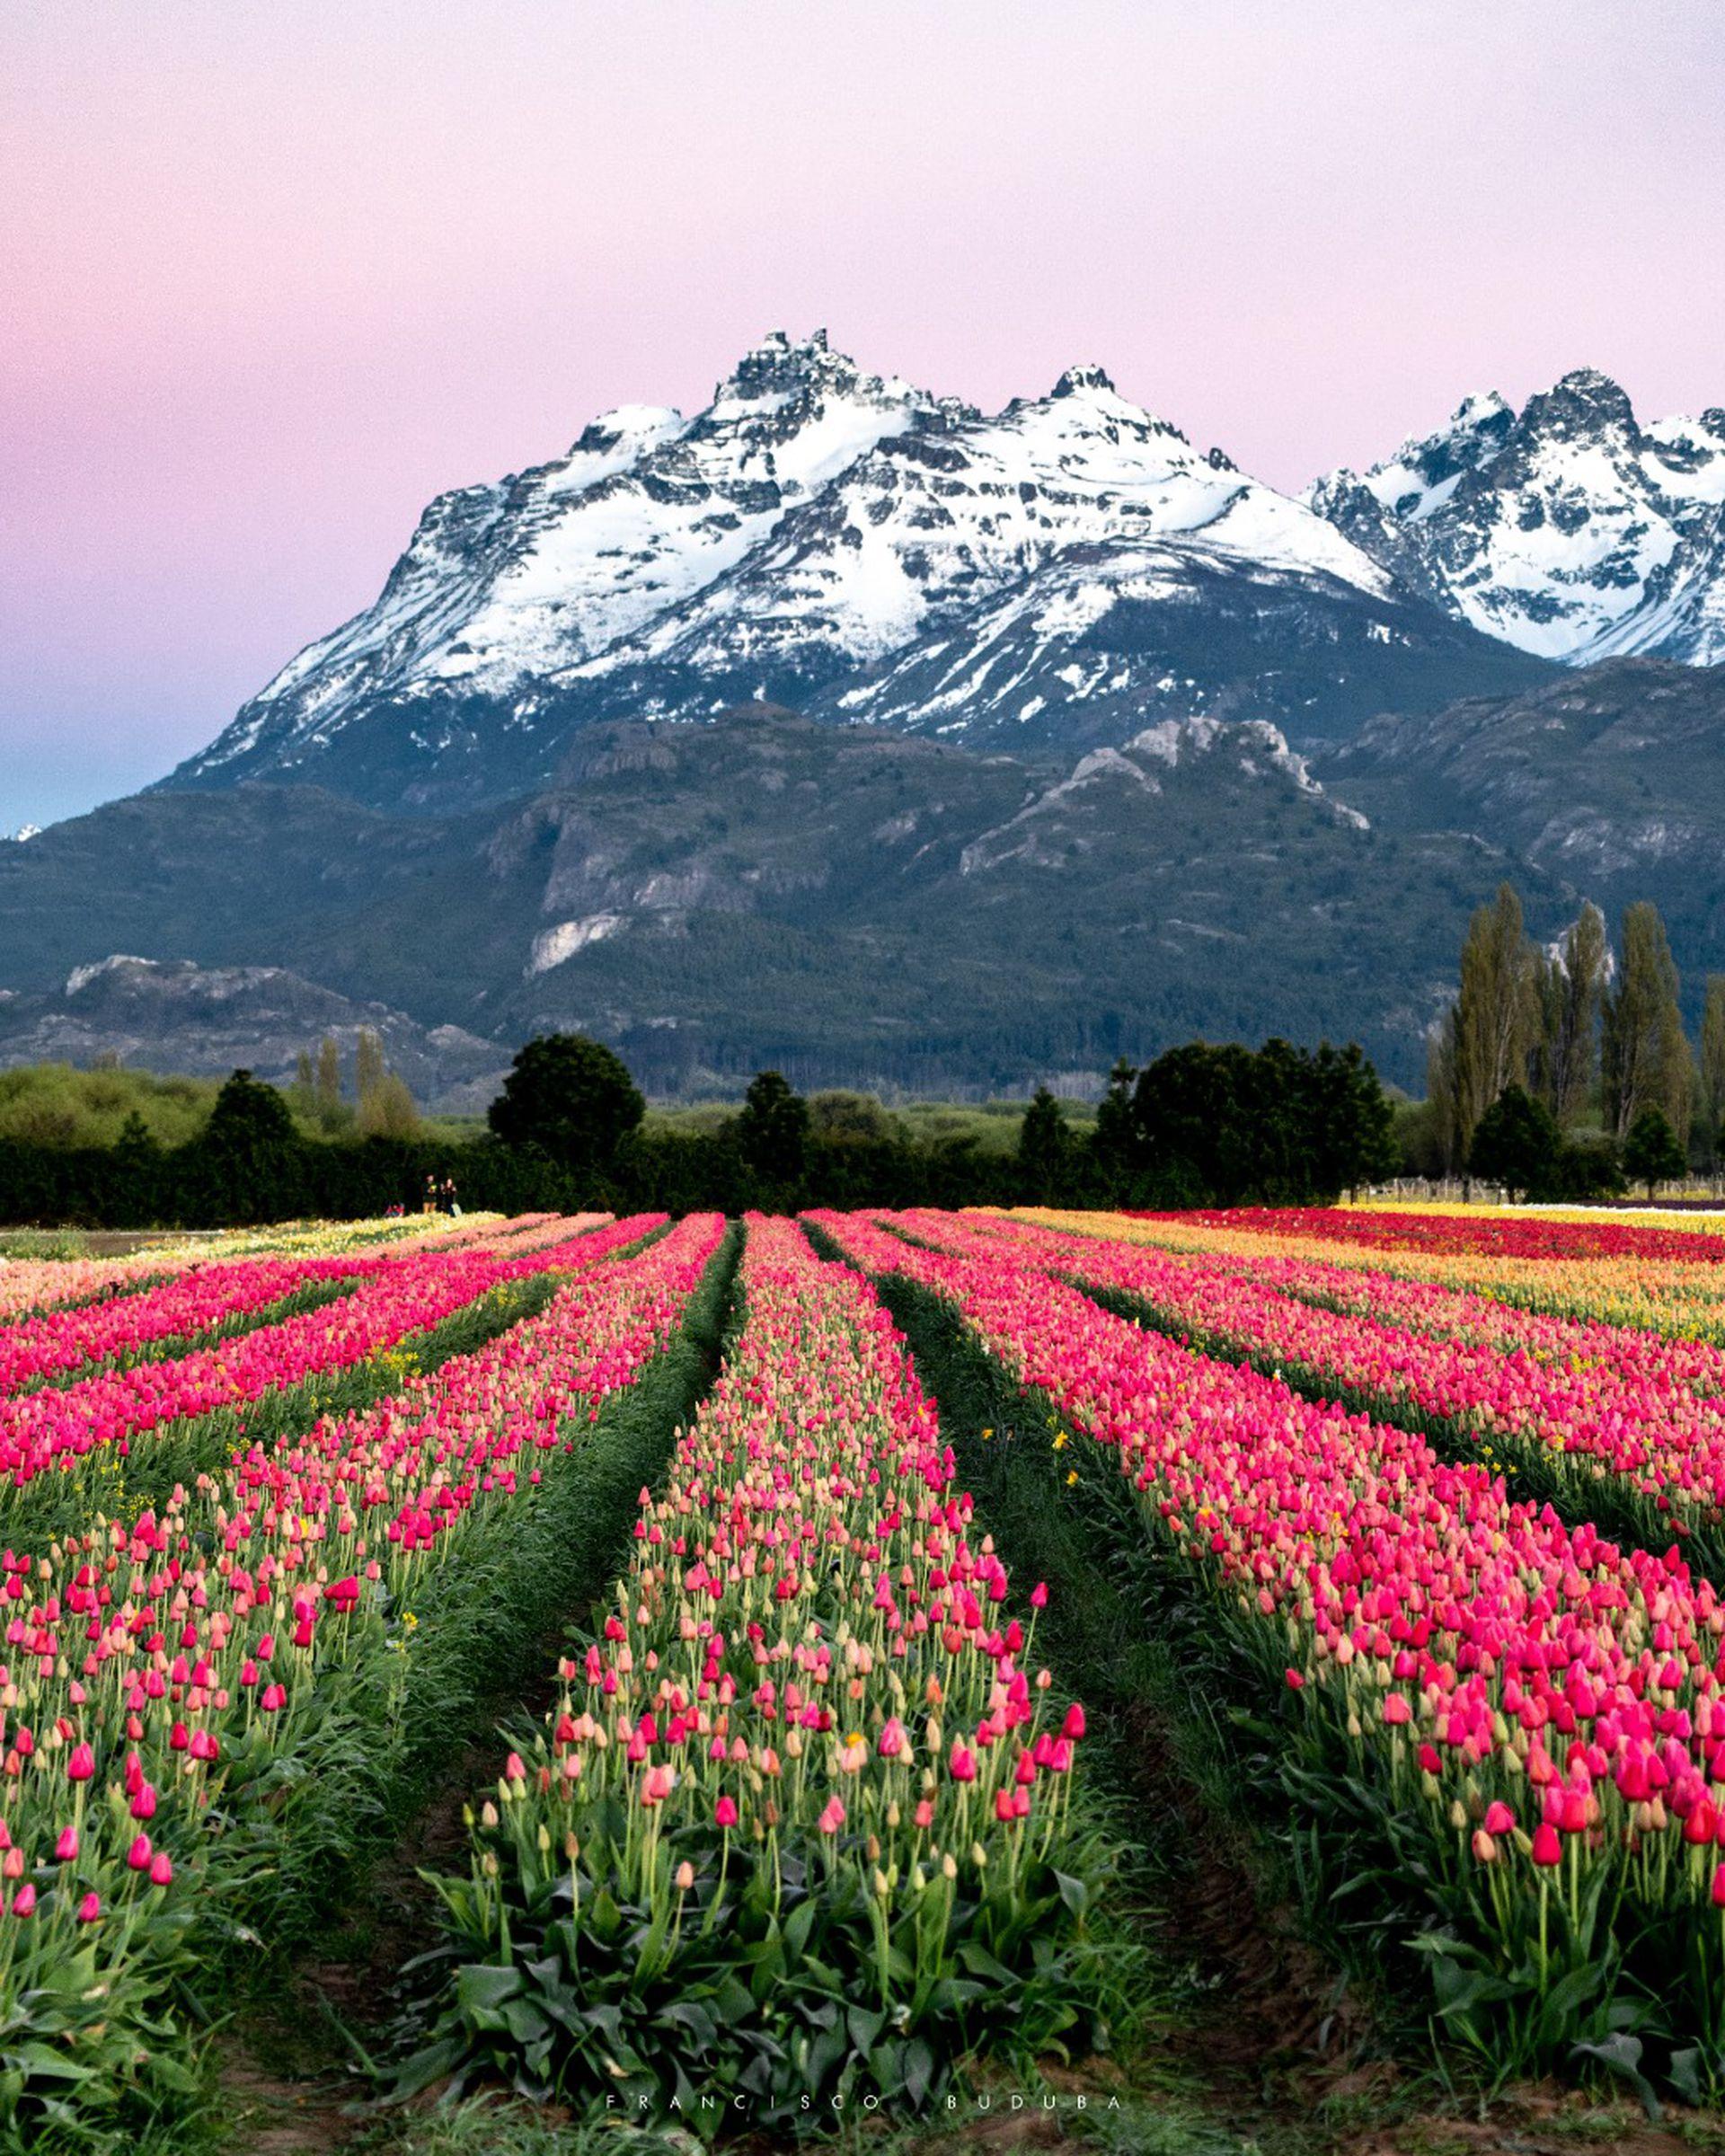 El horario de visita al campo de tulipanes es de 10 a 19 y no hace falta hacer reservas